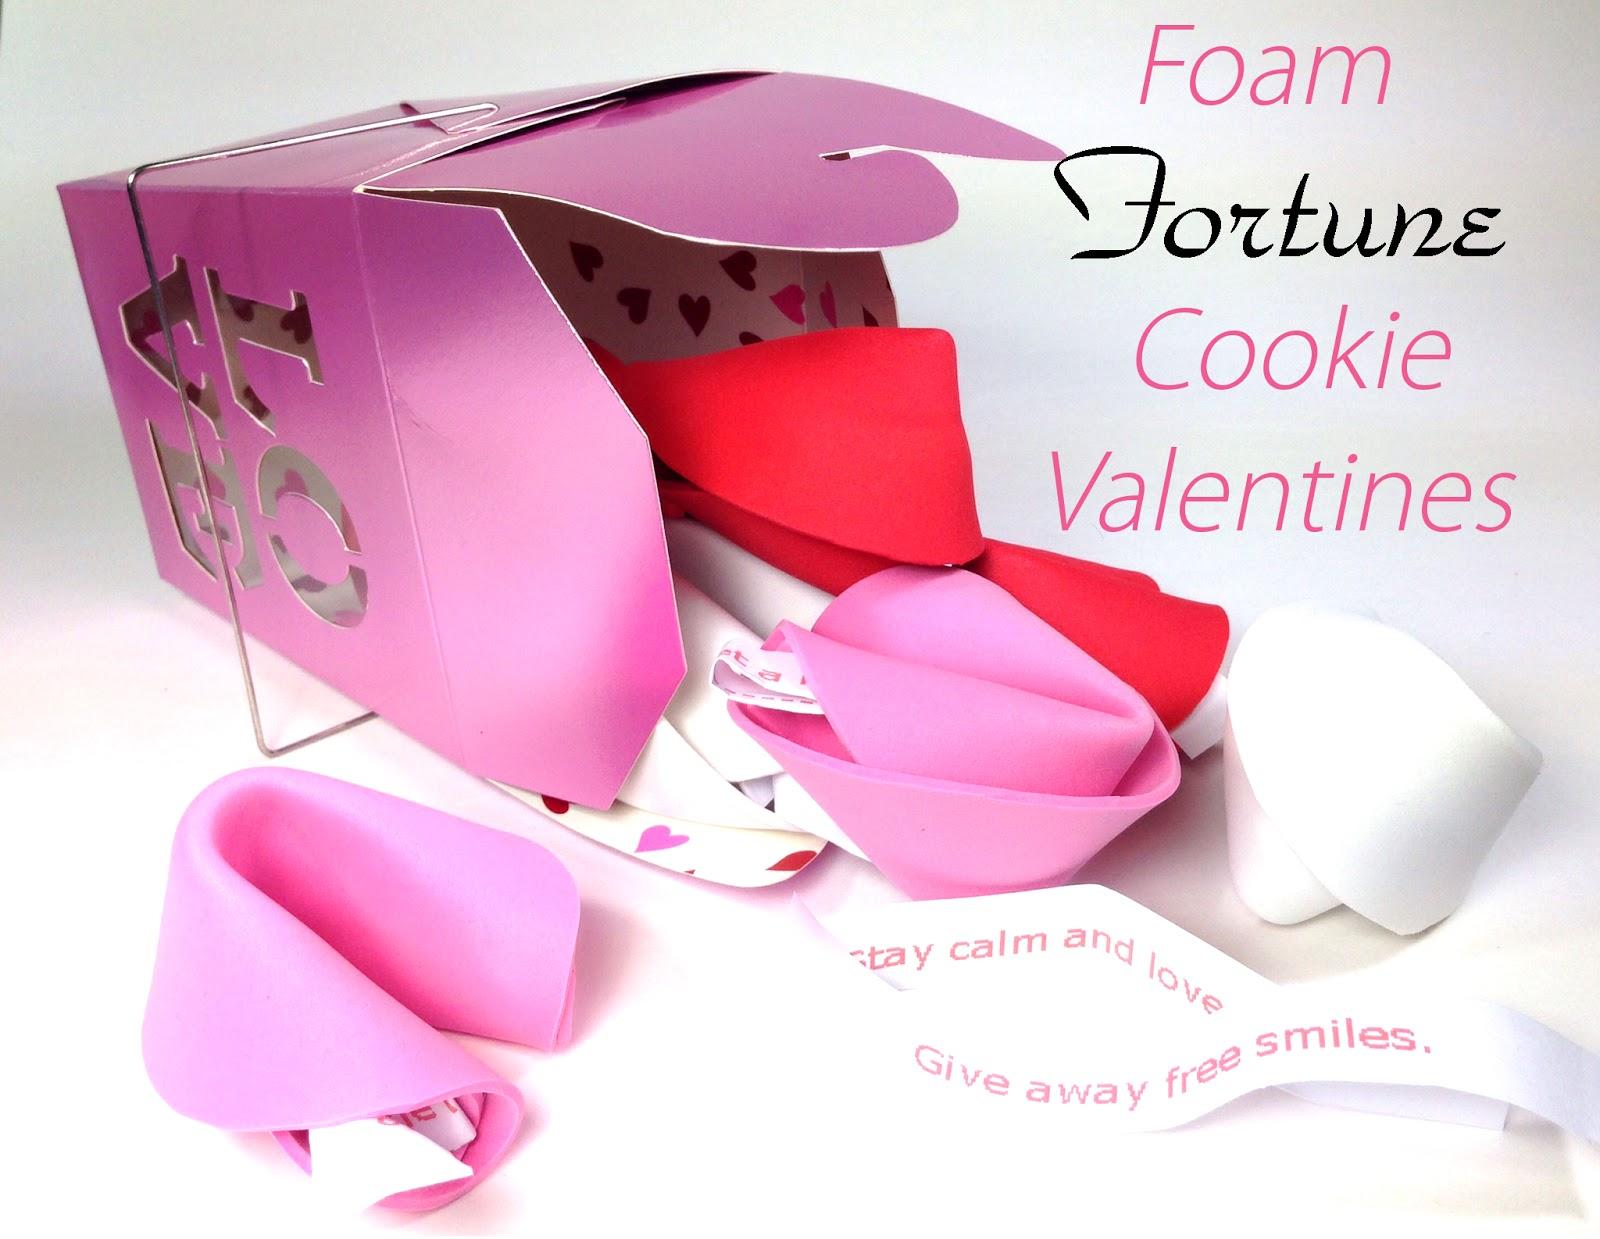 365 Designs: Foam Fortune Cookie Valentines